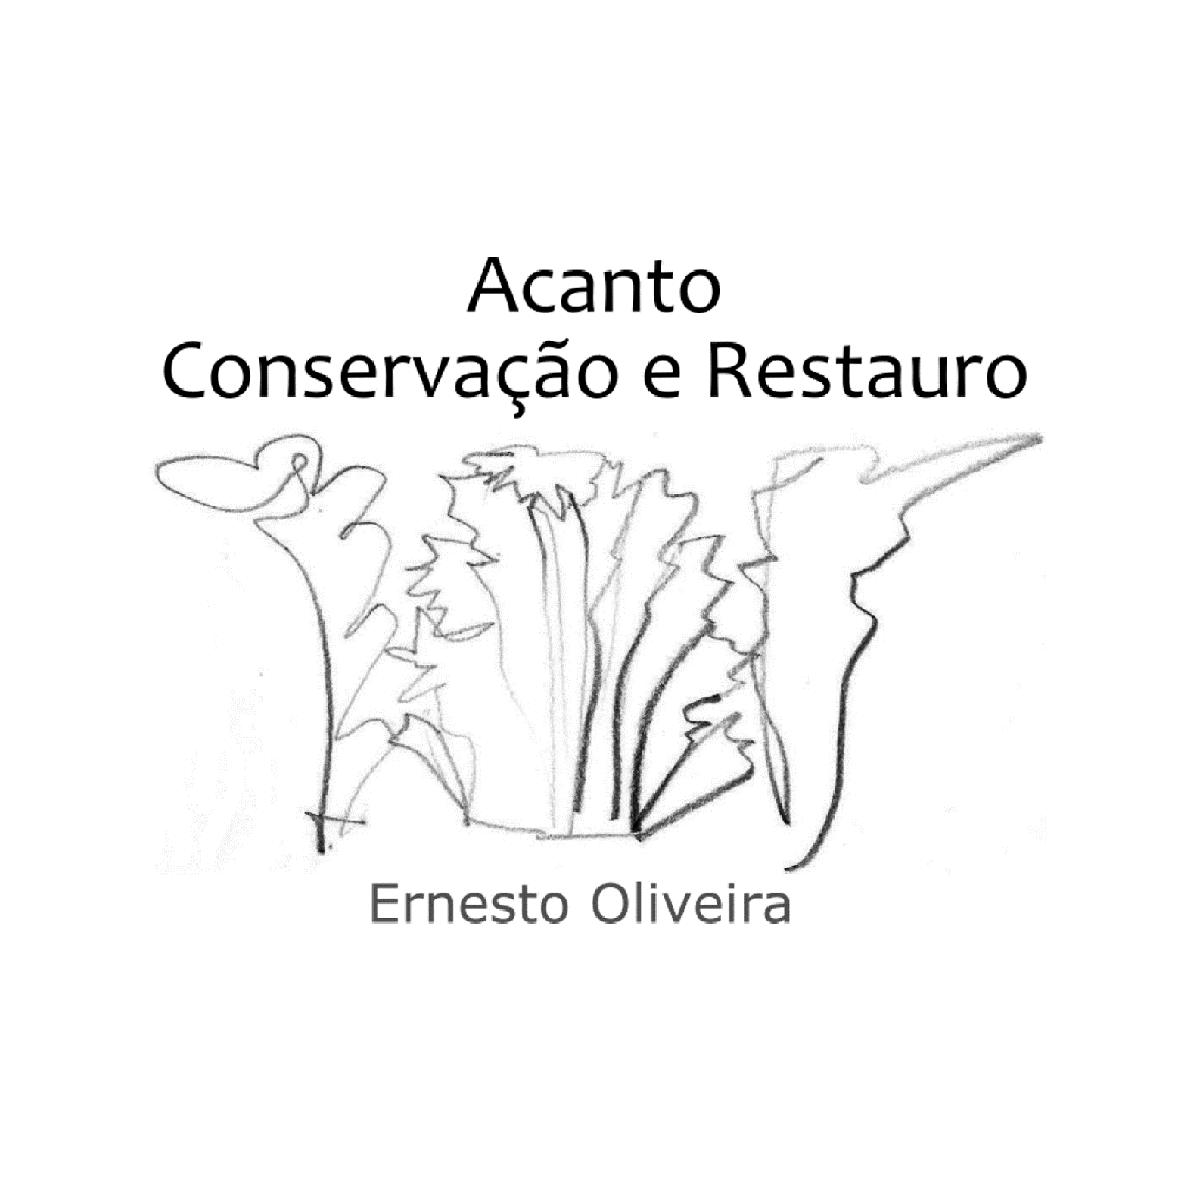 Acanto Conservação e Restauro